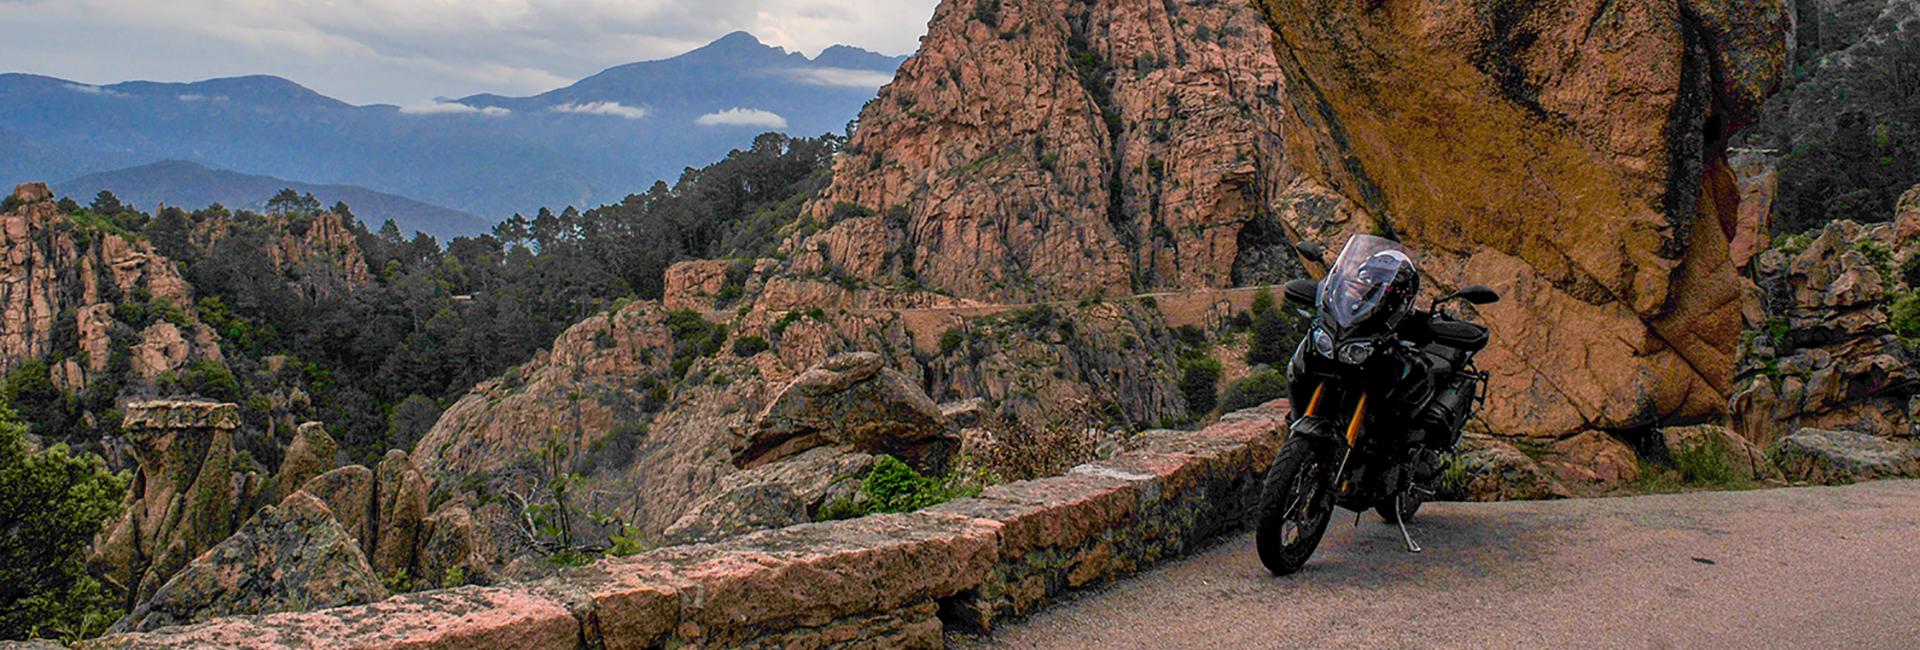 Korsika - Insel der Schönheit und der 10.000 Kurven!